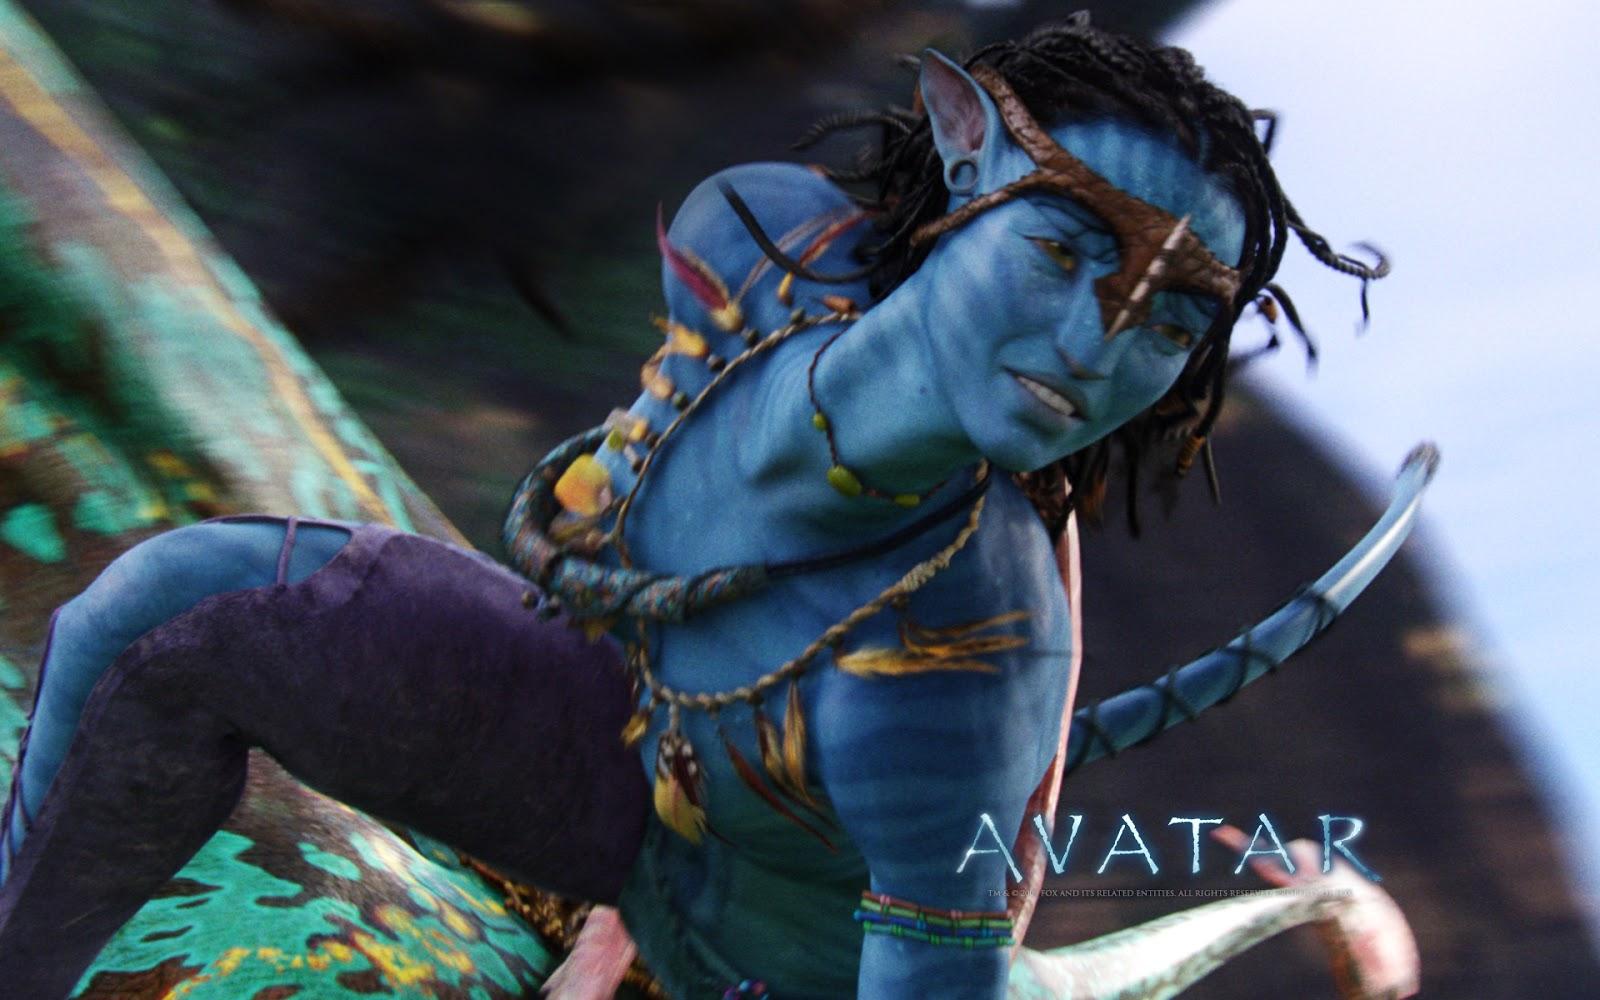 http://3.bp.blogspot.com/-4vcr0a9Urno/T-Rh69DP95I/AAAAAAAAASQ/0IVguhA5TfI/s1600/avatar+wallpaper+jtr457.jpg